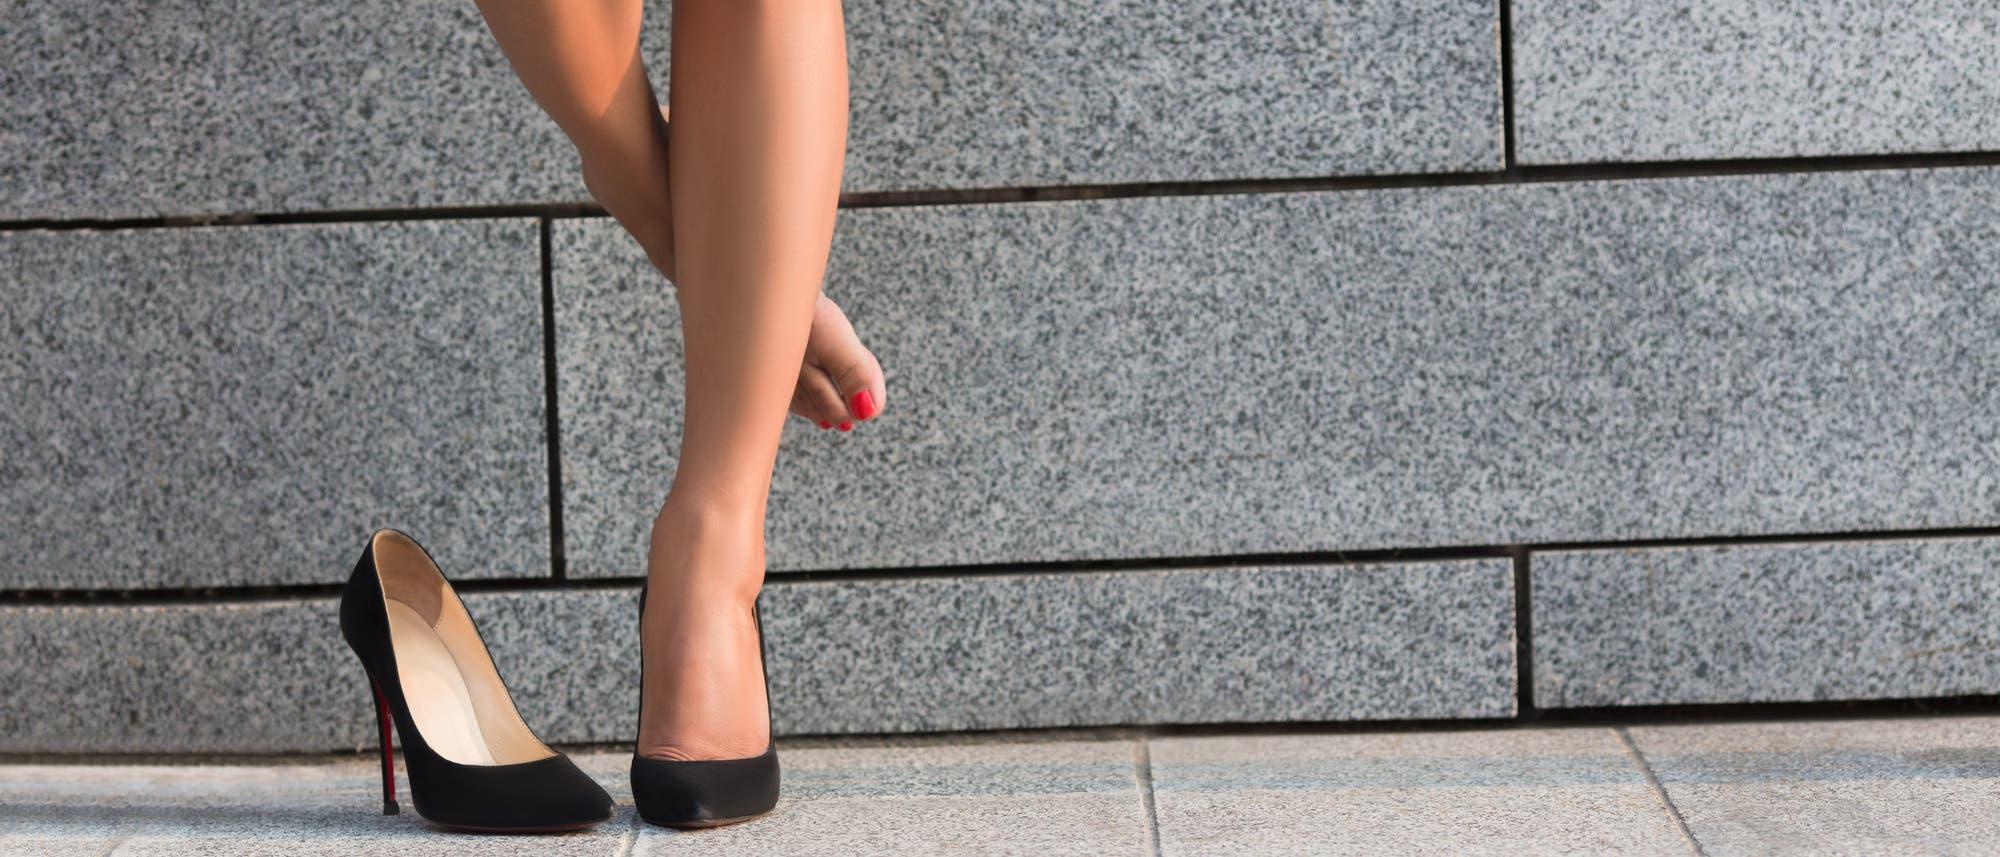 Frauenbeine und Highheels